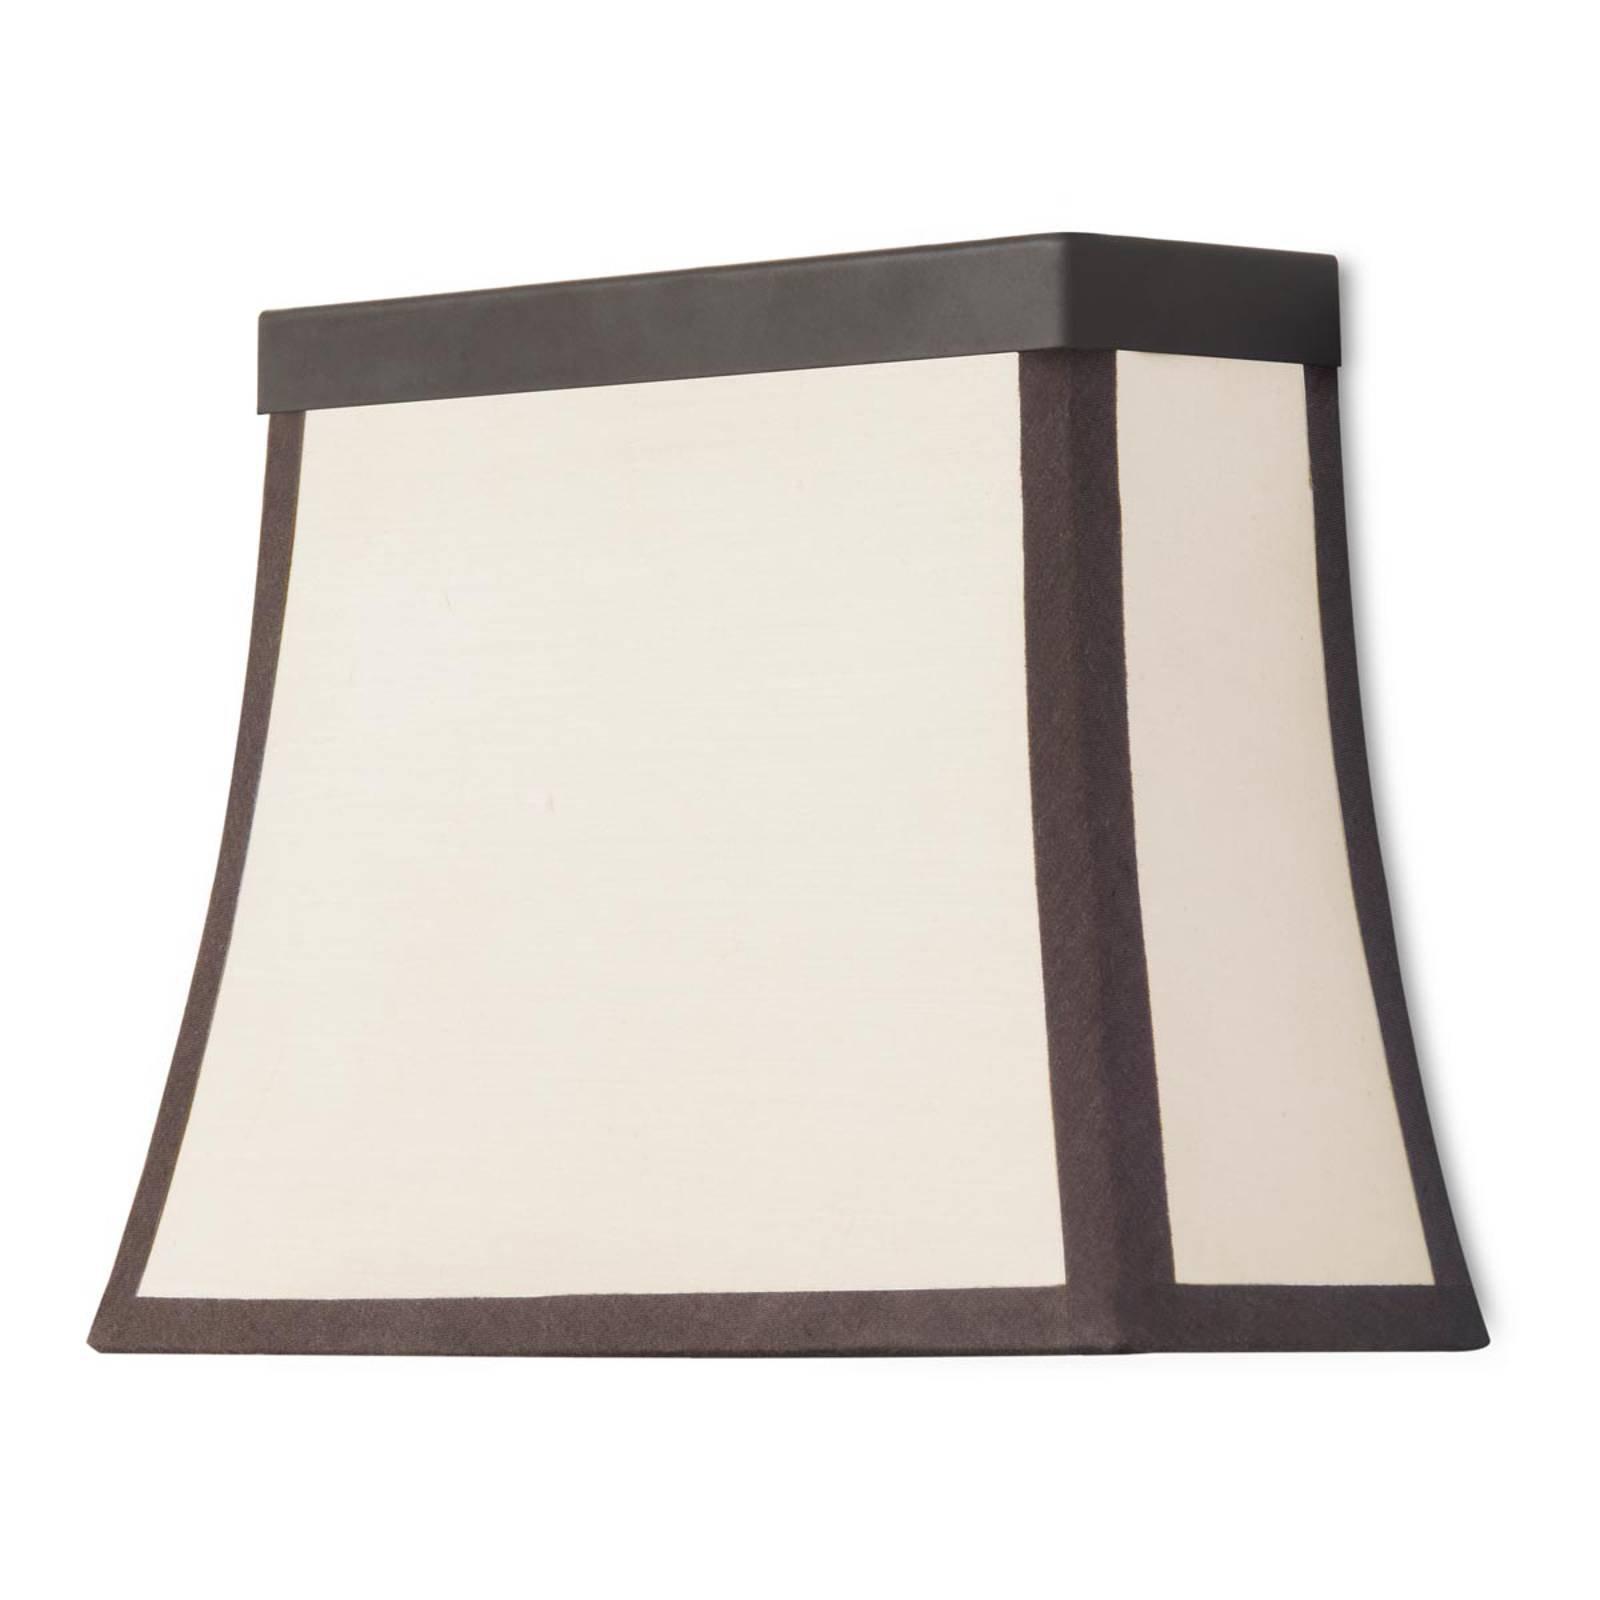 Fancy - LED-vegglampe i stoff